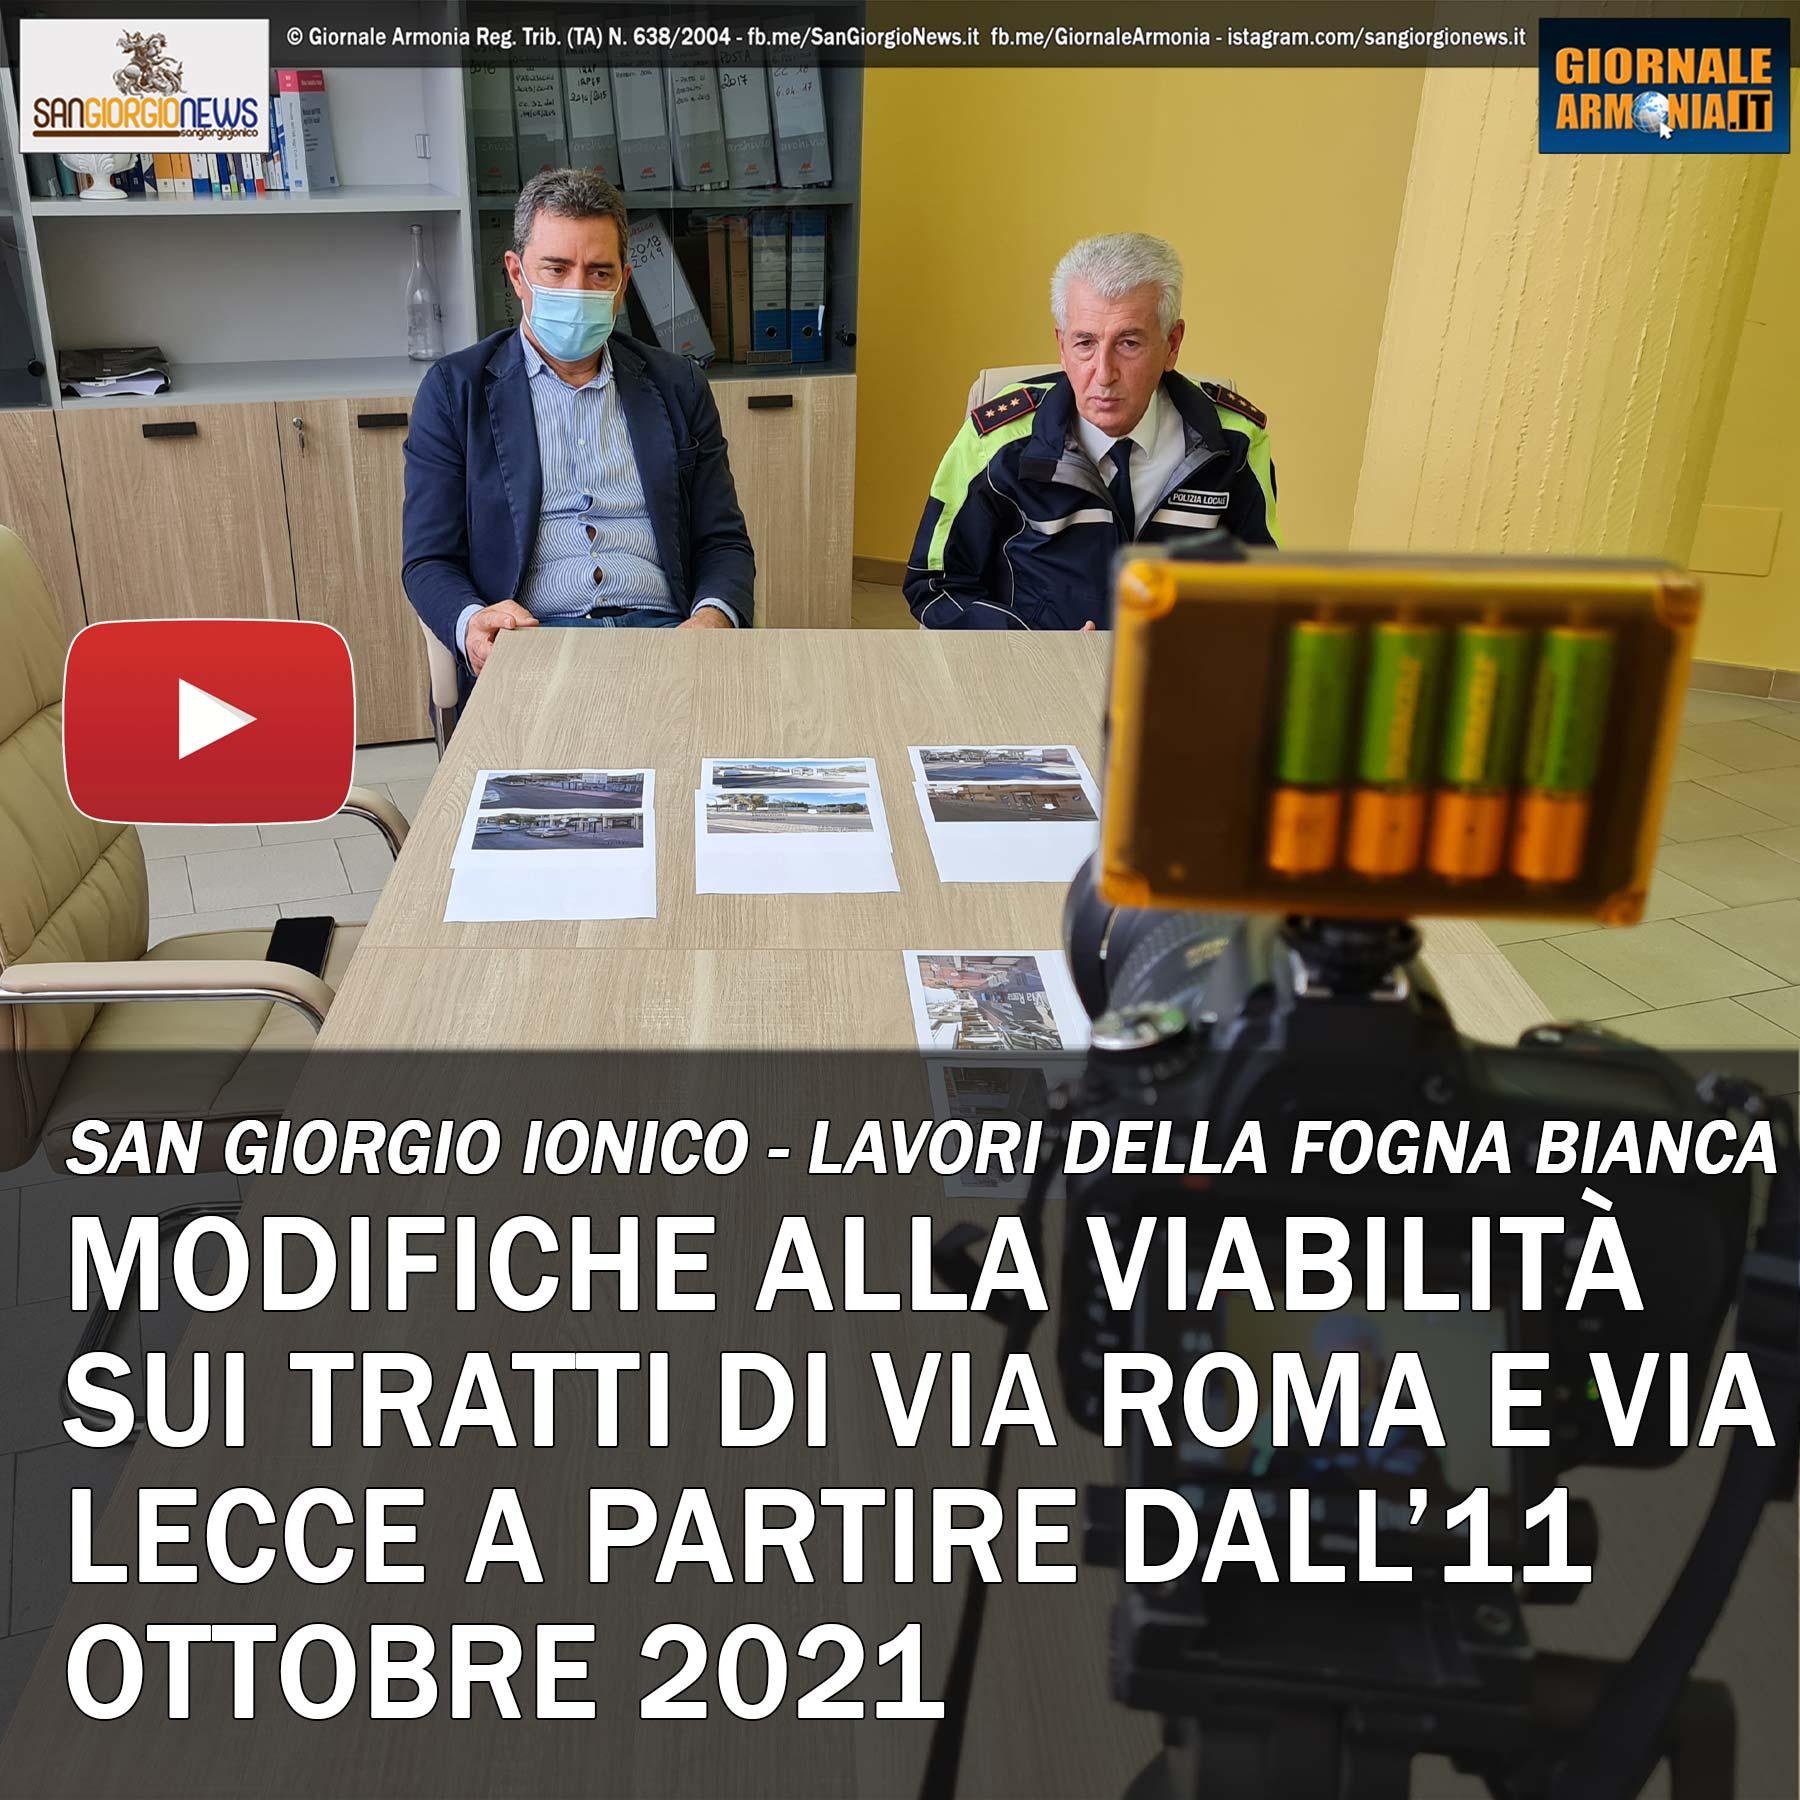 LAVORI DELLA FOGNA BIANCA A SAN GIORGIO IONICO – MODIFICHE ALLA VIABILITÀ SUI TRATTI DI VIA ROMA E VIA LECCE DALL'11 OTTOBRE 2021